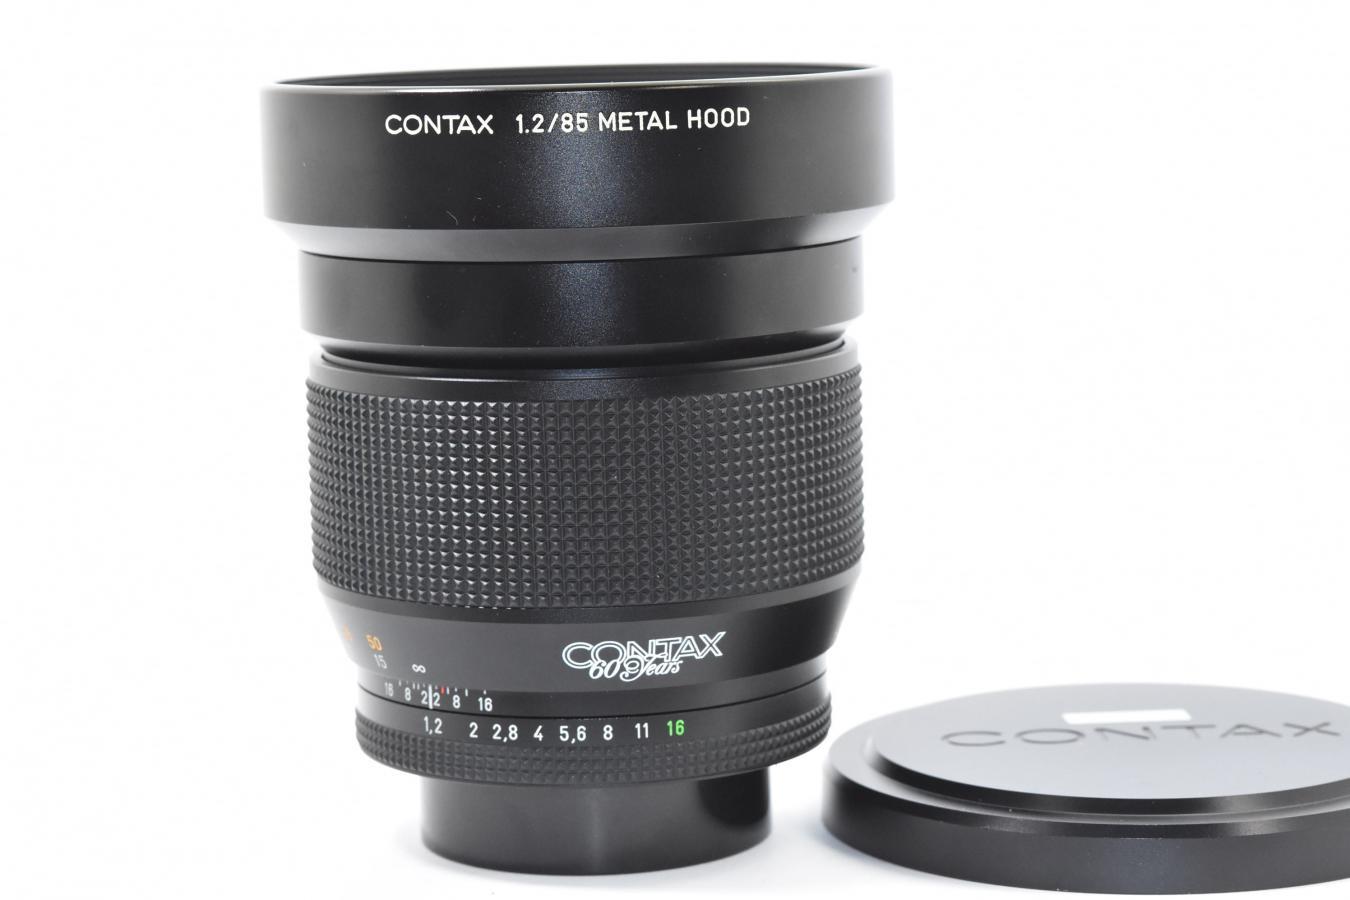 【希 少】 CONTAX Planar T* 85mm F1.2 MMG 60周年記念モデル 【純正メタルフード付】